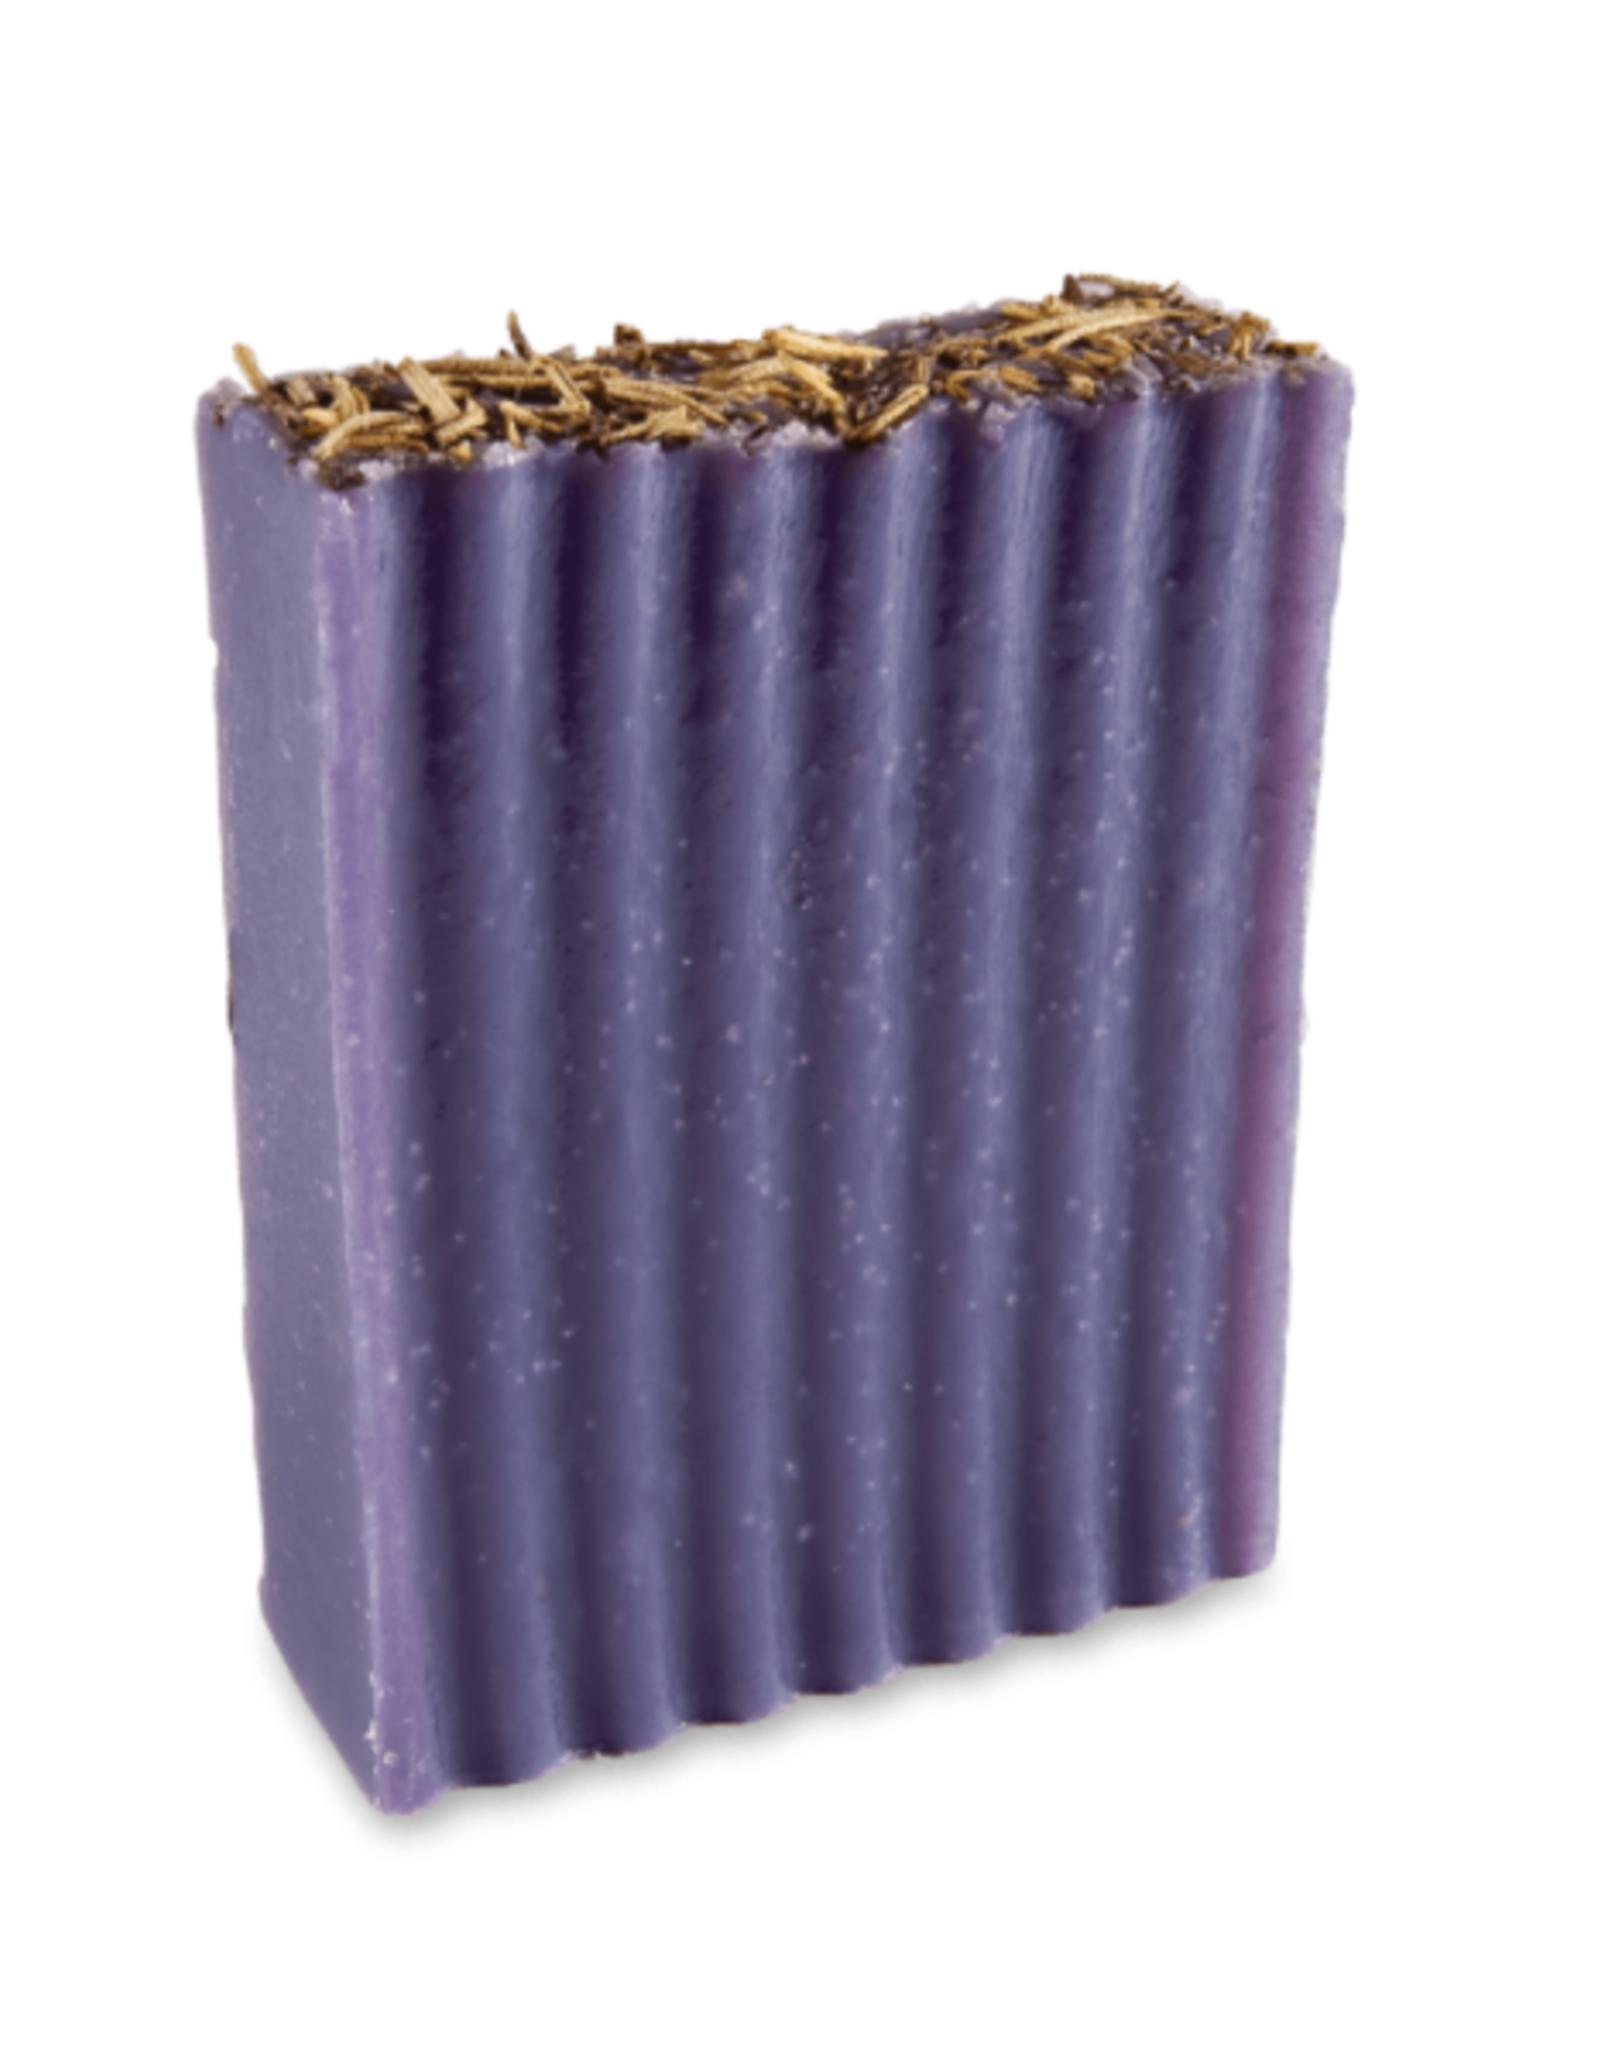 ZUM Lavender Rosemary Goat Milk Soap